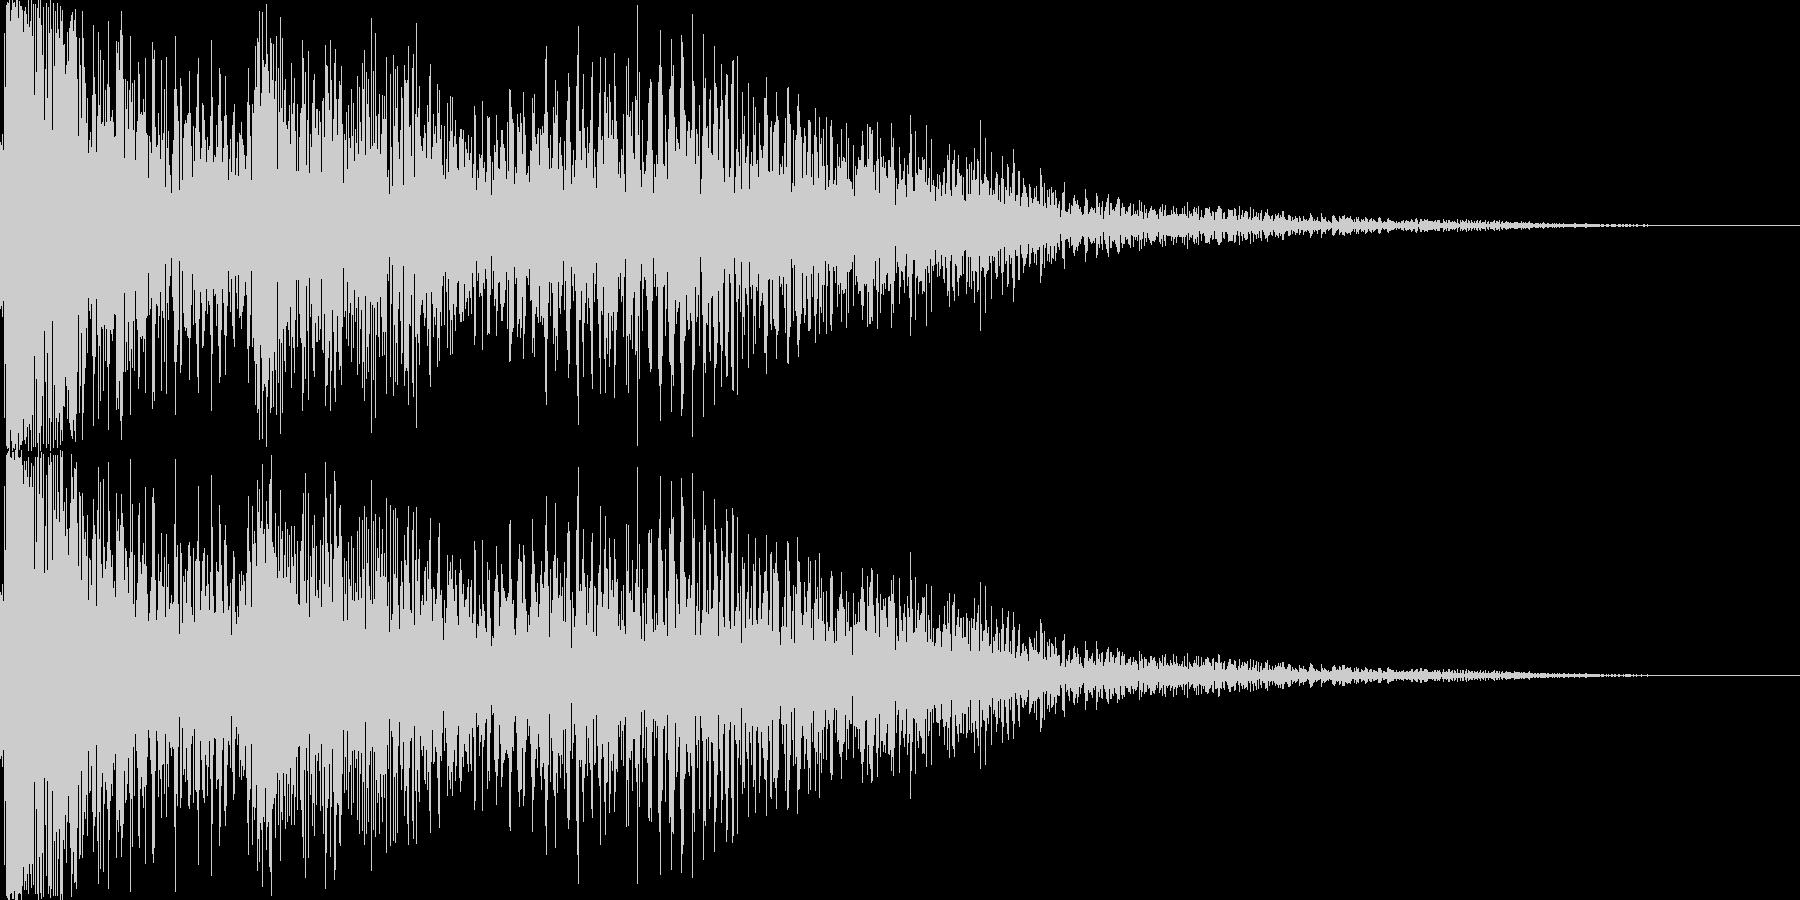 なにかに失敗したときの音の未再生の波形